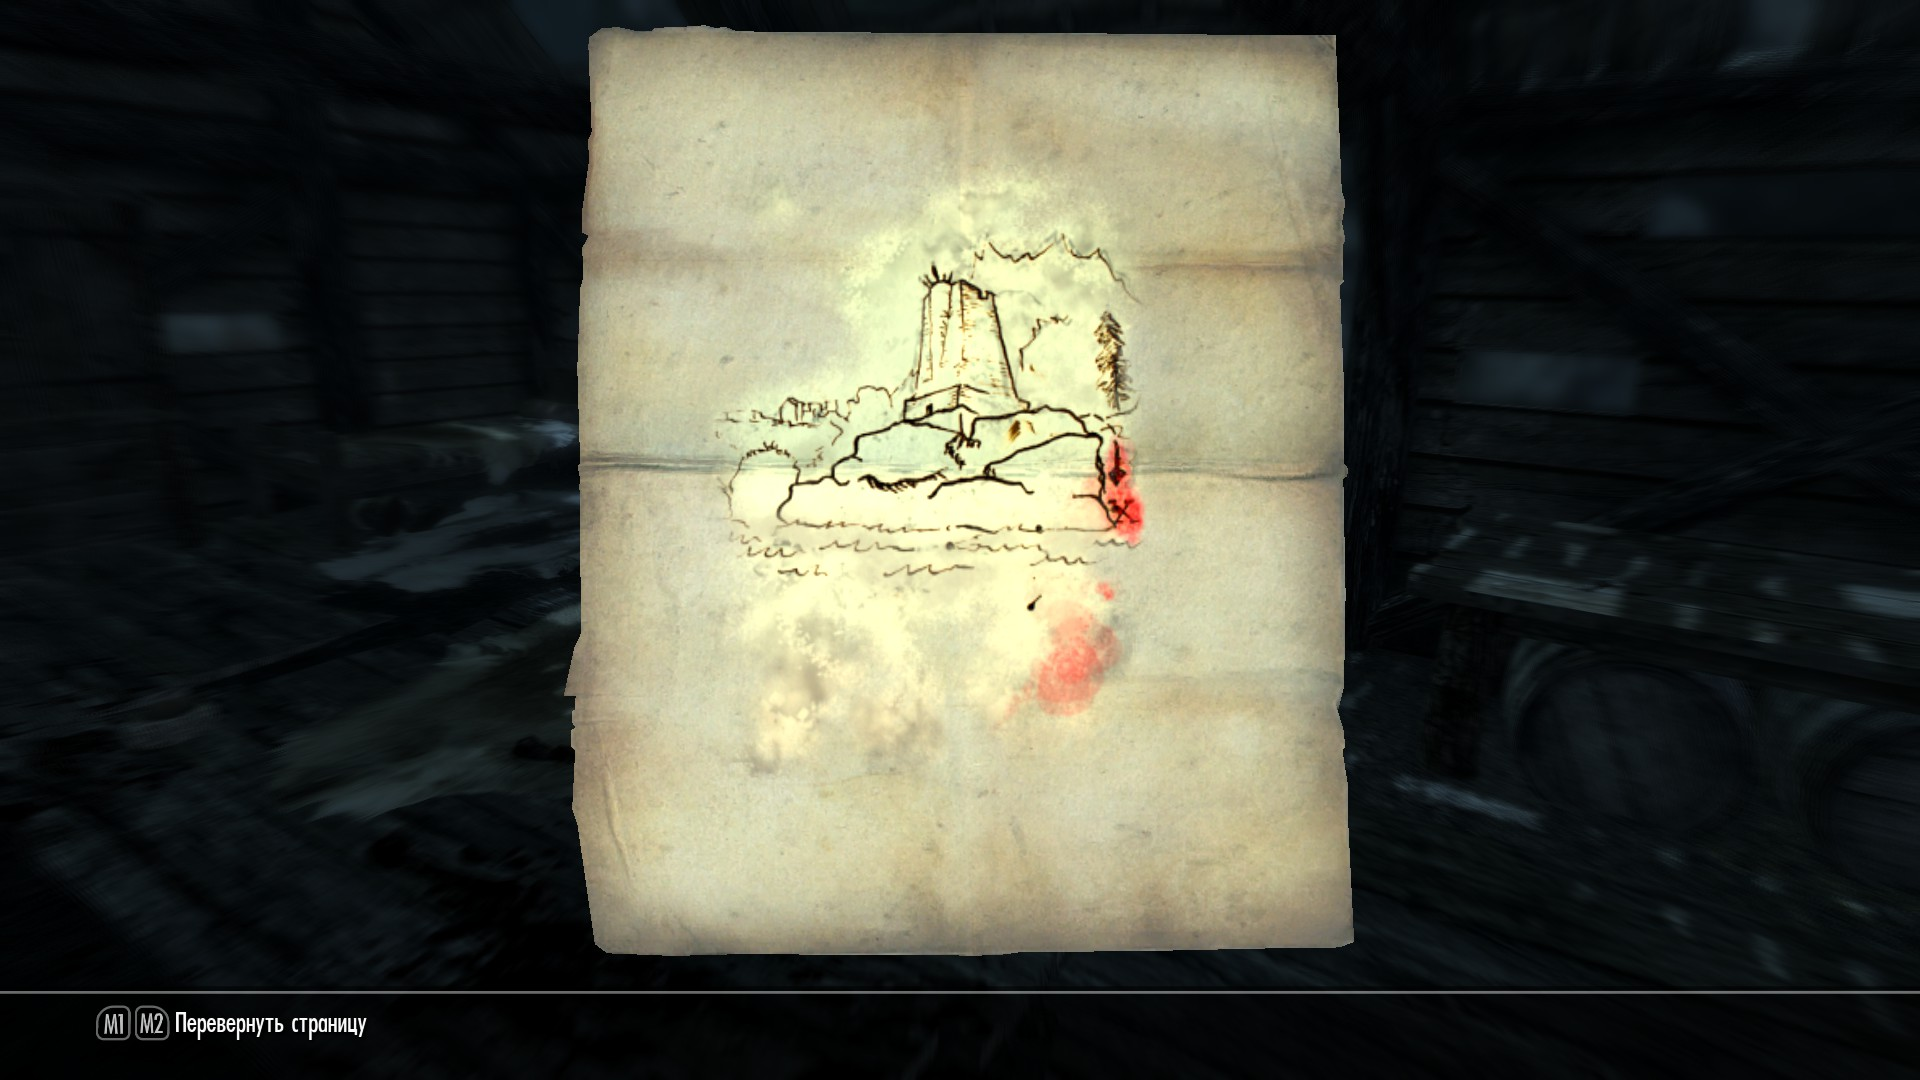 Карта находится в